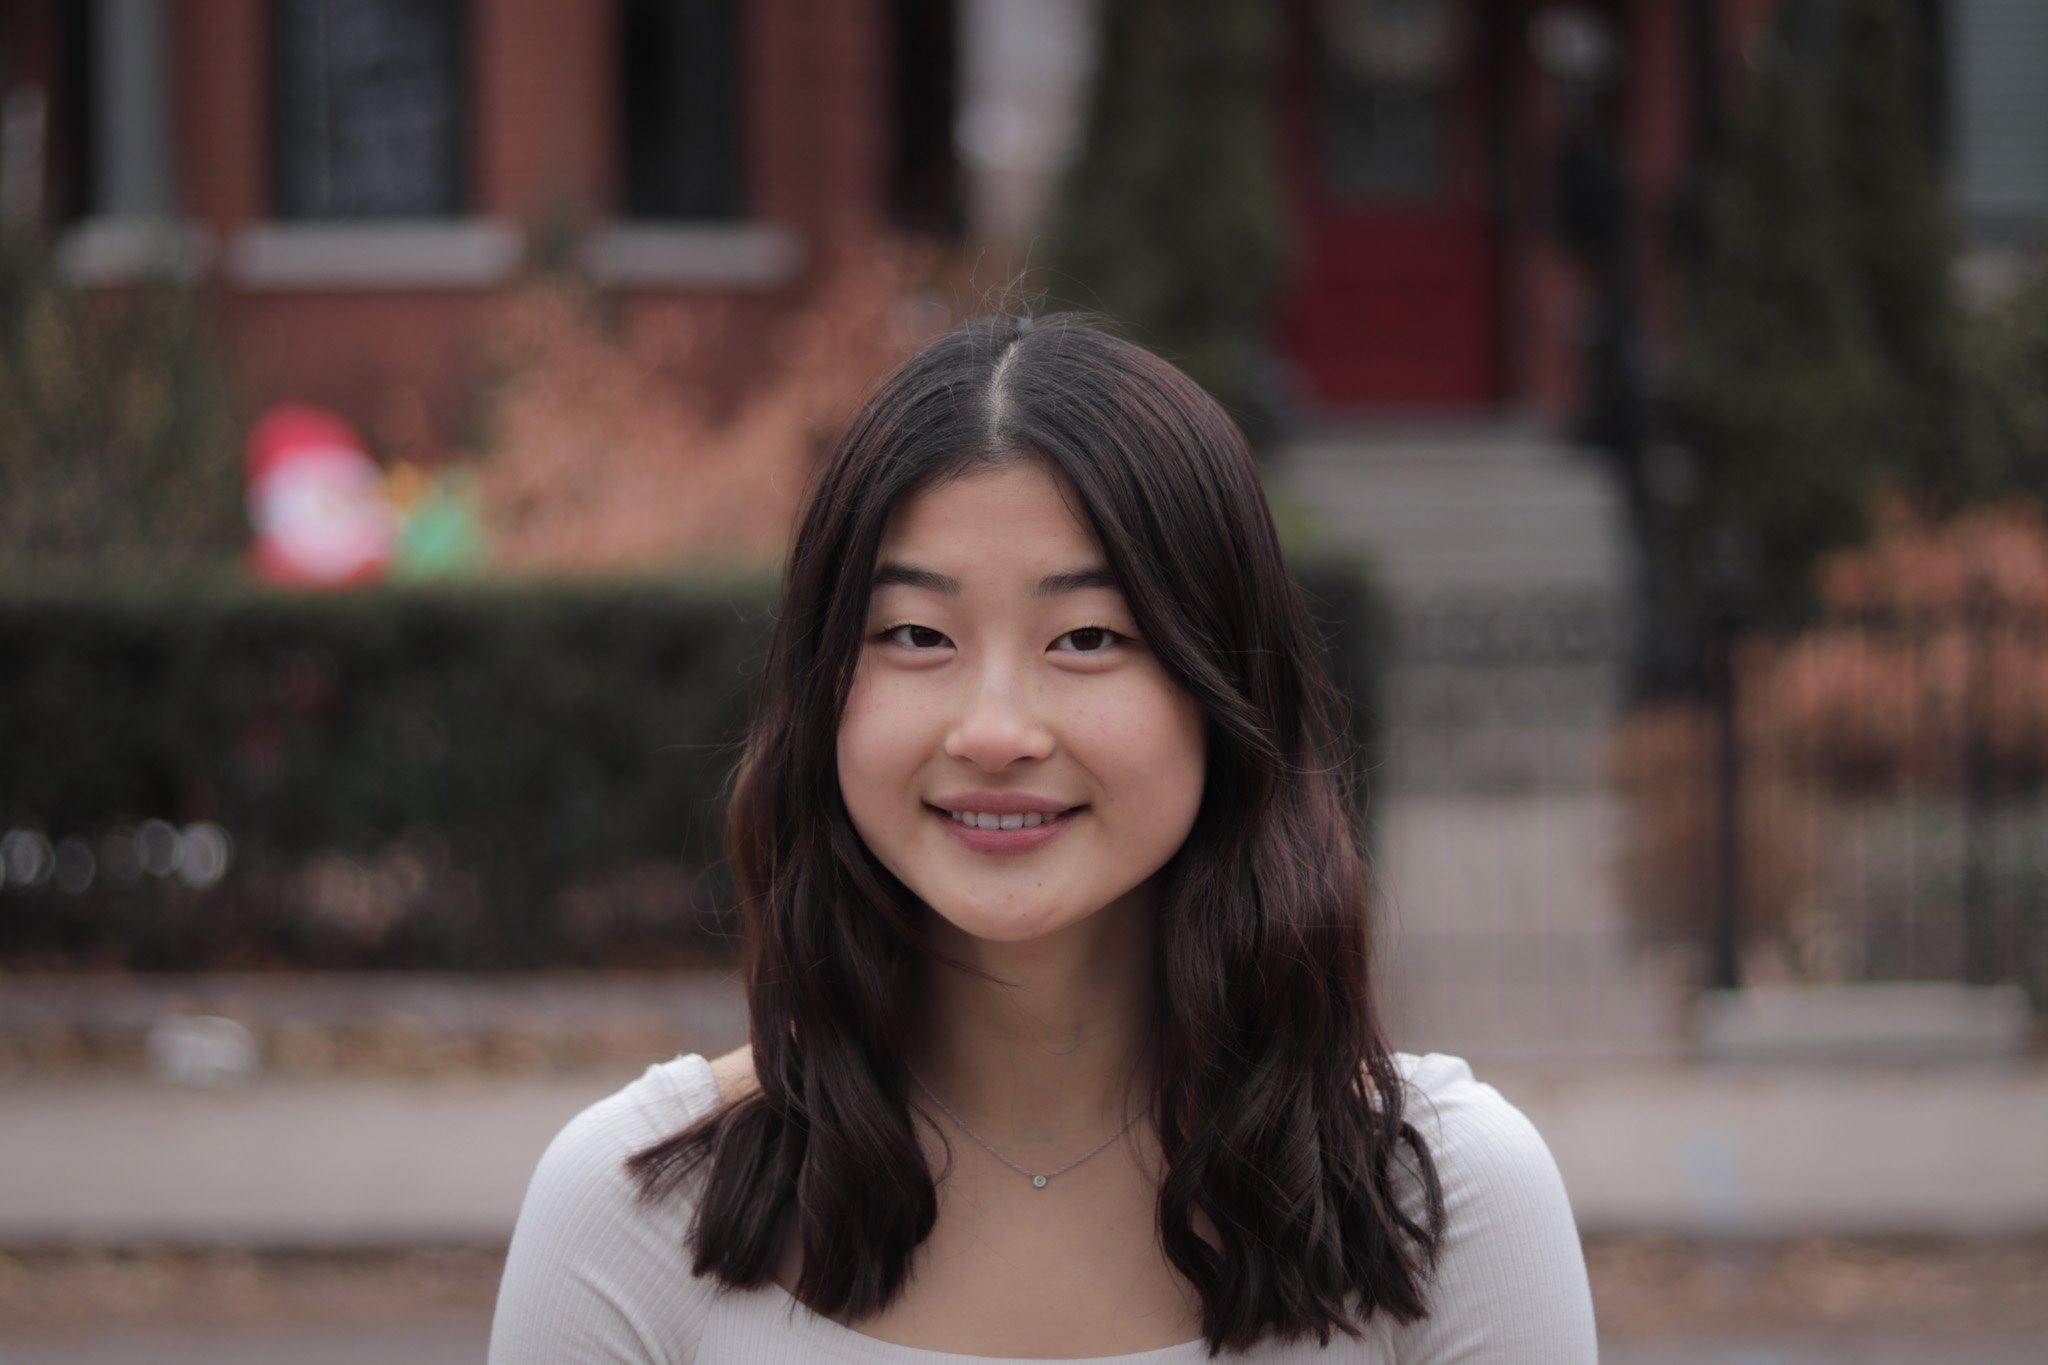 Artist: Candice Chow, 1st year MIT